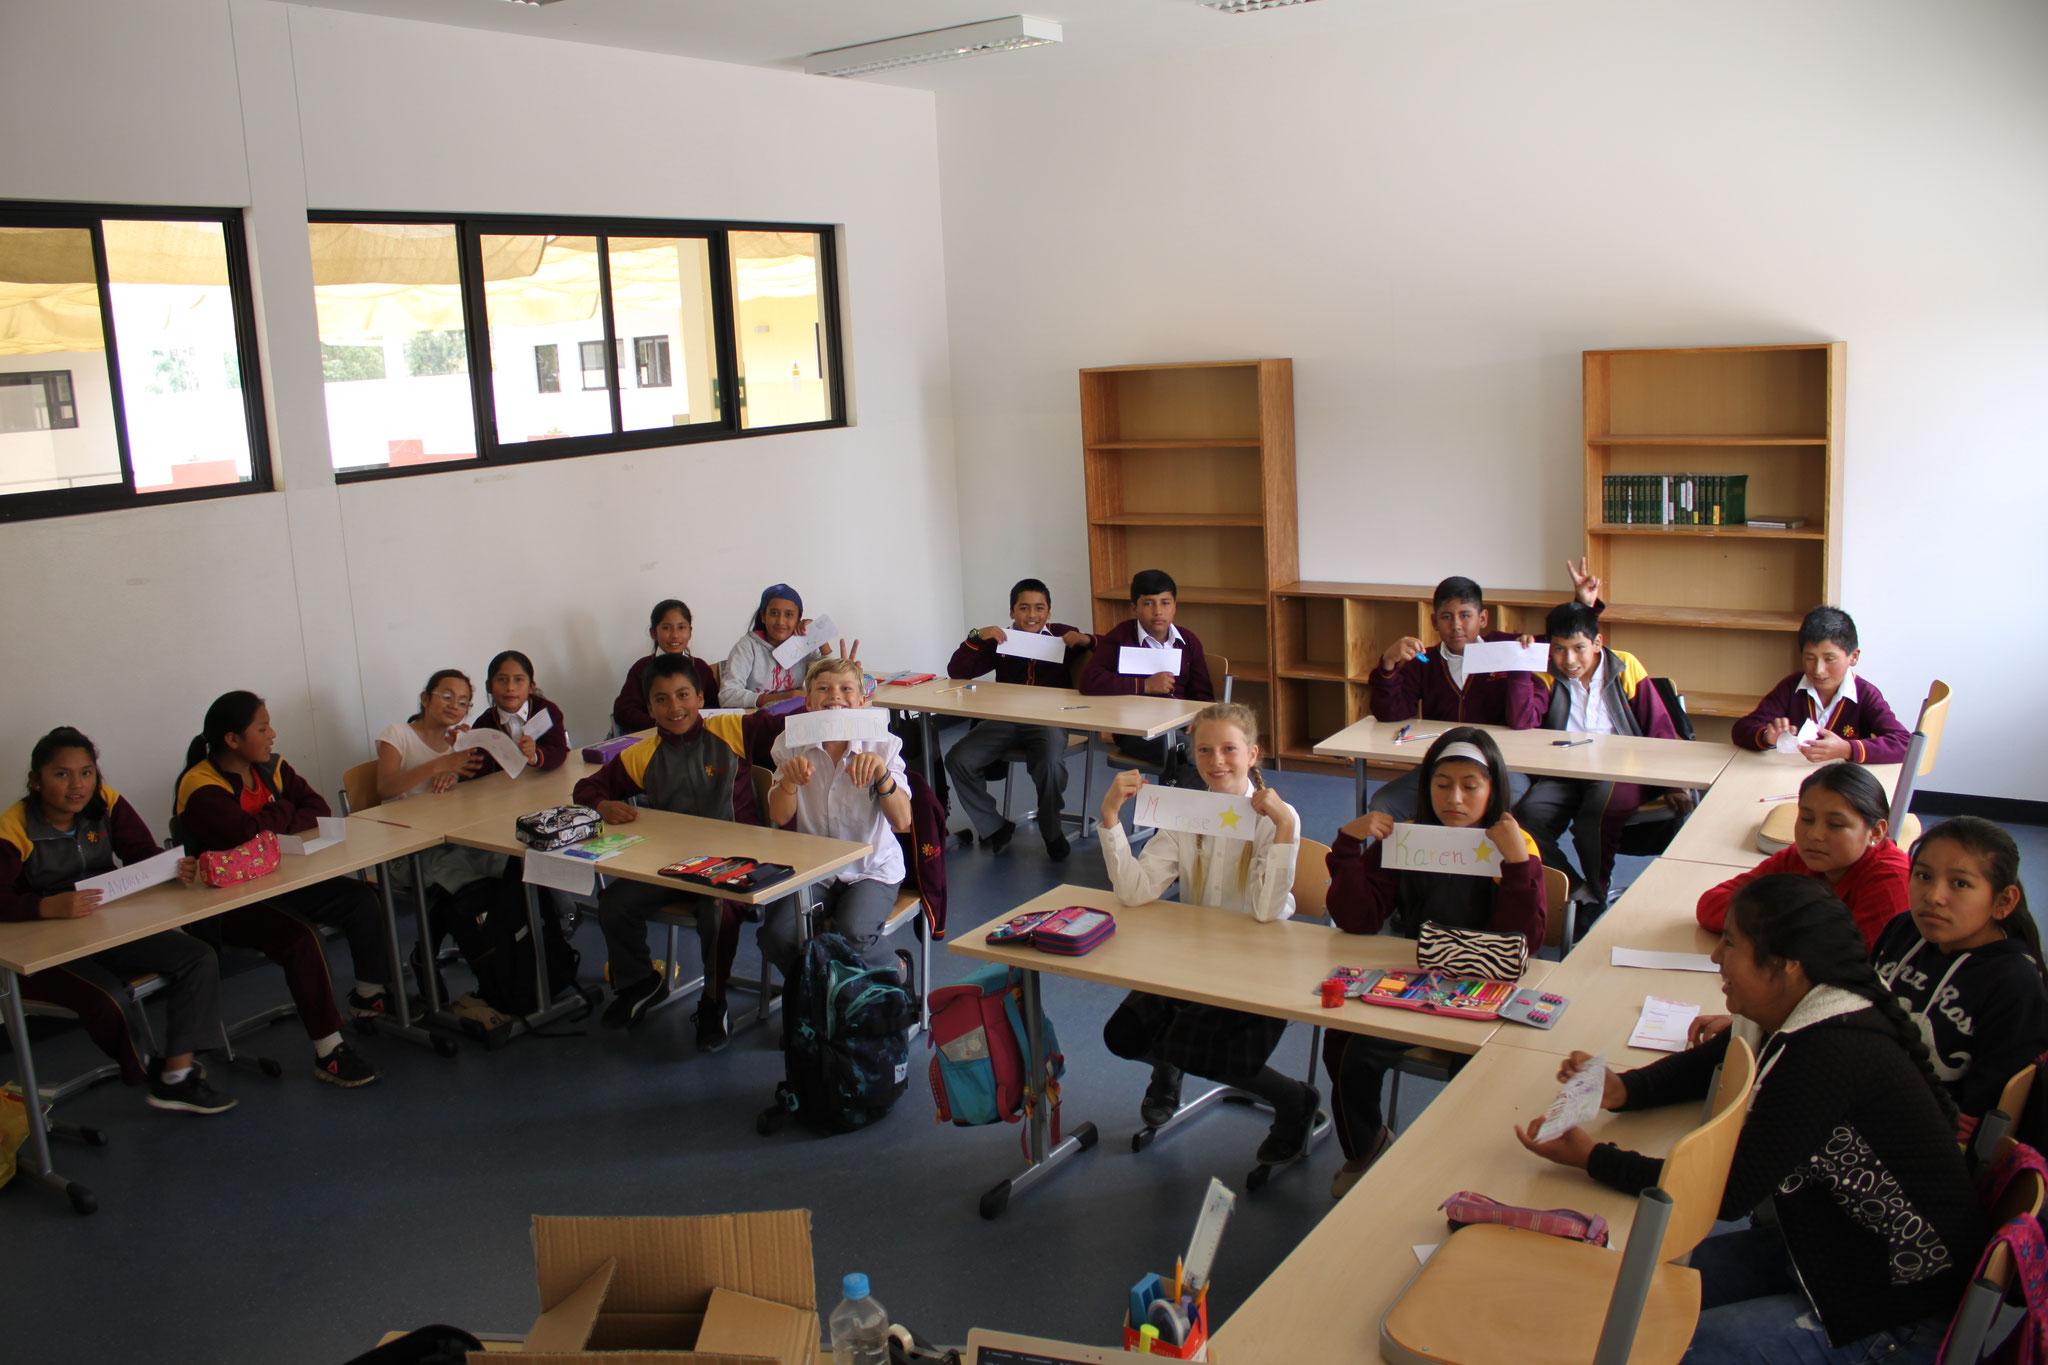 Meine Klasse